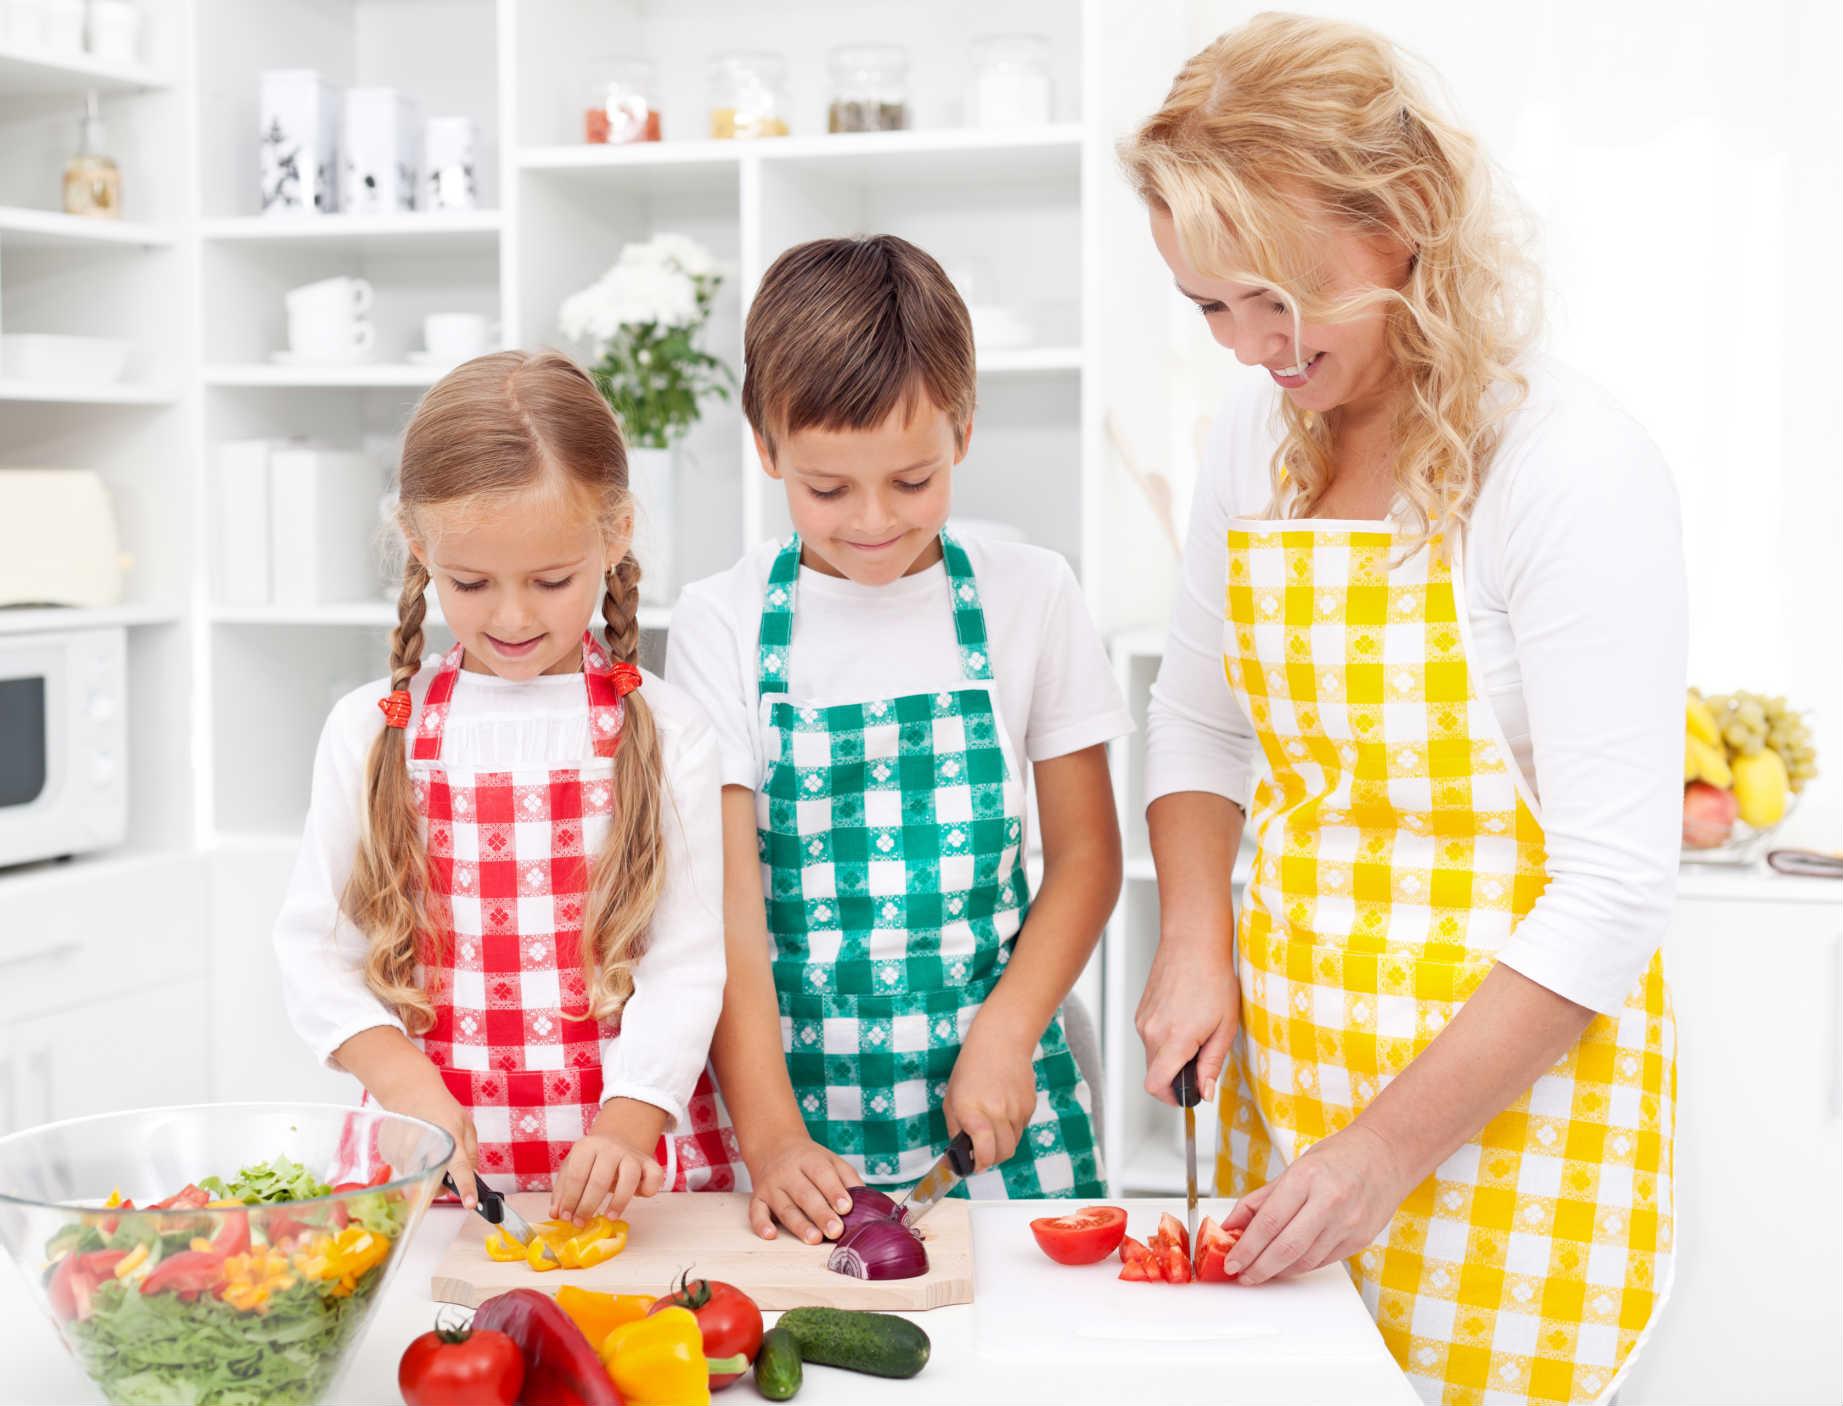 Recette de cuisine : Cuisiner un plat innovant et qui sort de l'ordinaire quels sont mes conseils ?